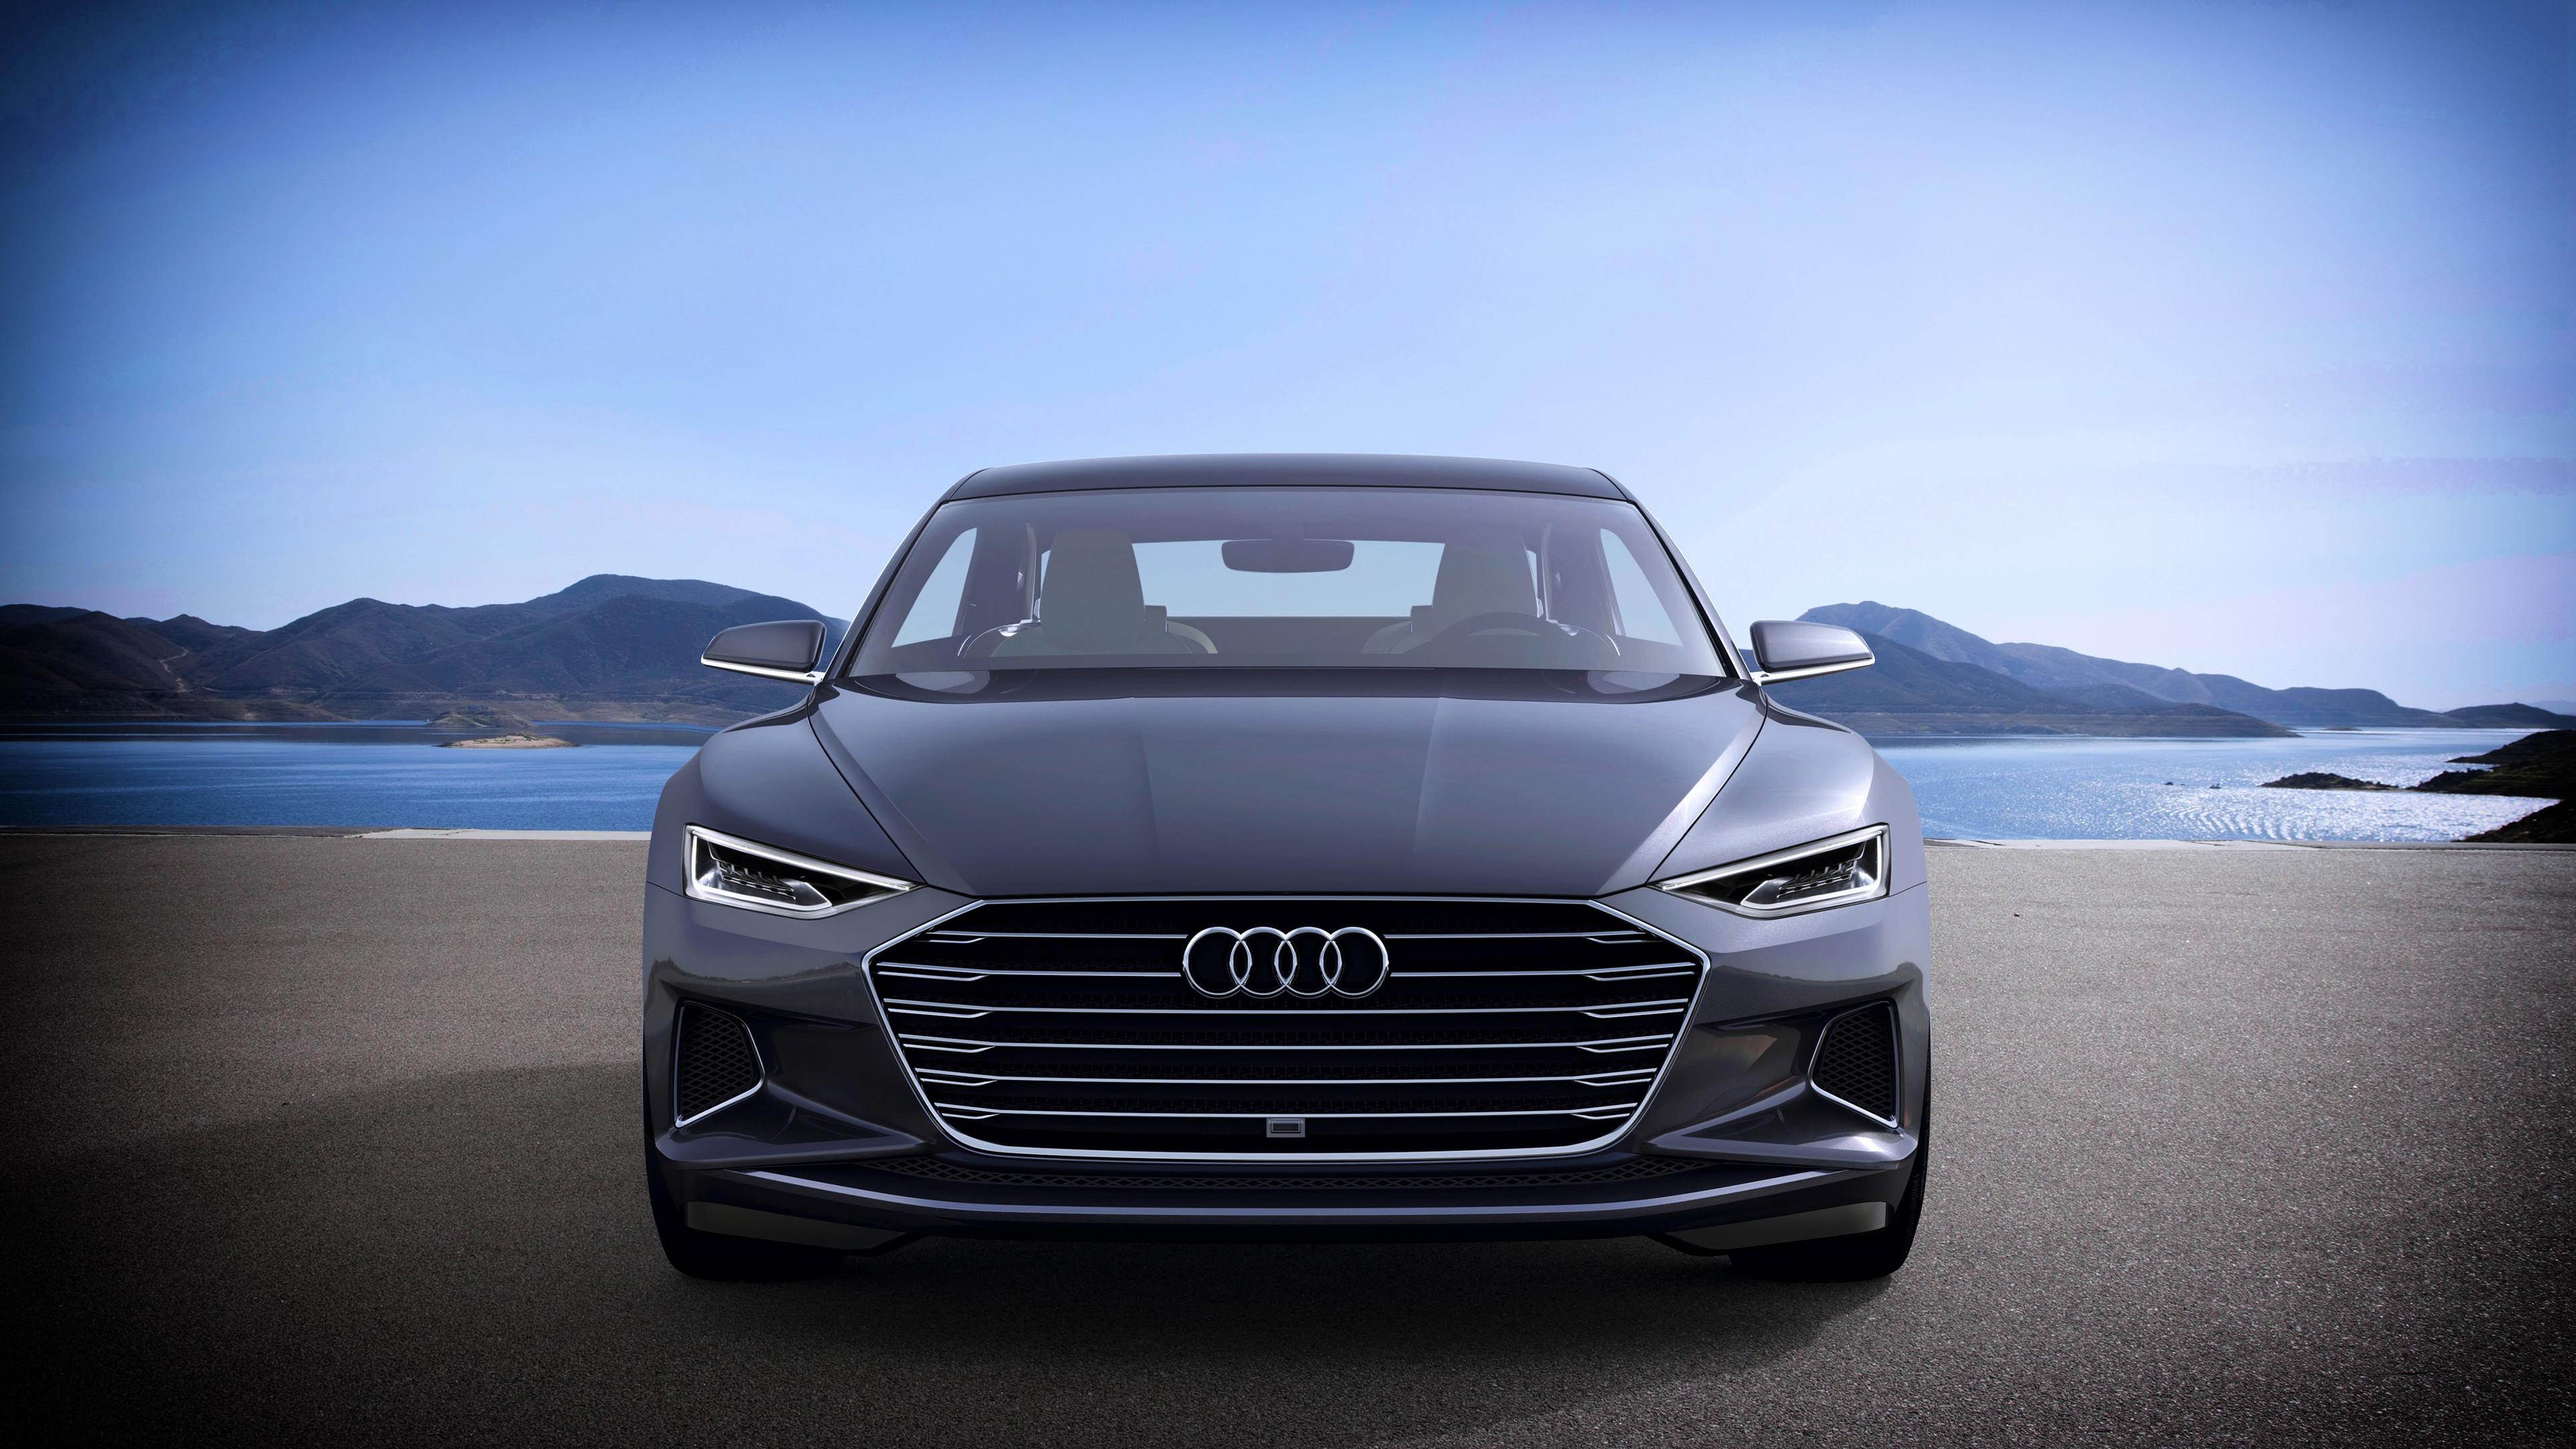 2016 audi a9 prologue 1539104810 - 2016 Audi A9 Prologue - concept cars wallpapers, audi wallpapers, audi a9 wallpapers, 2016 cars wallpapers